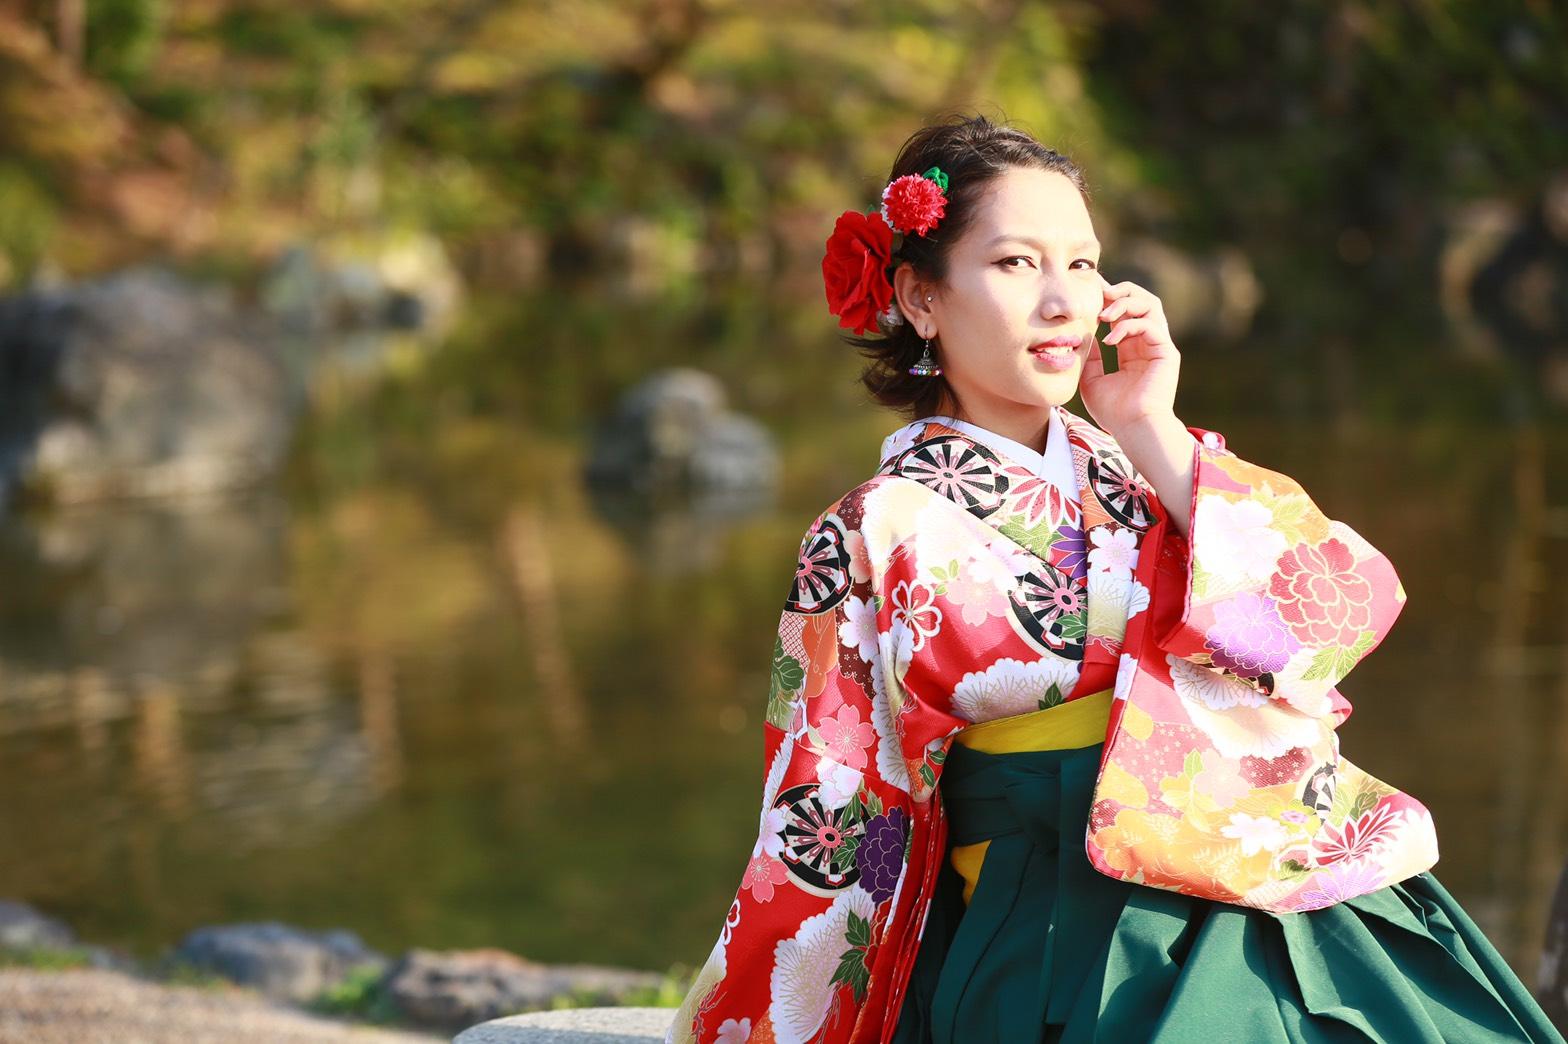 袴レンタル始めましたぁ♡2020年3月19日18